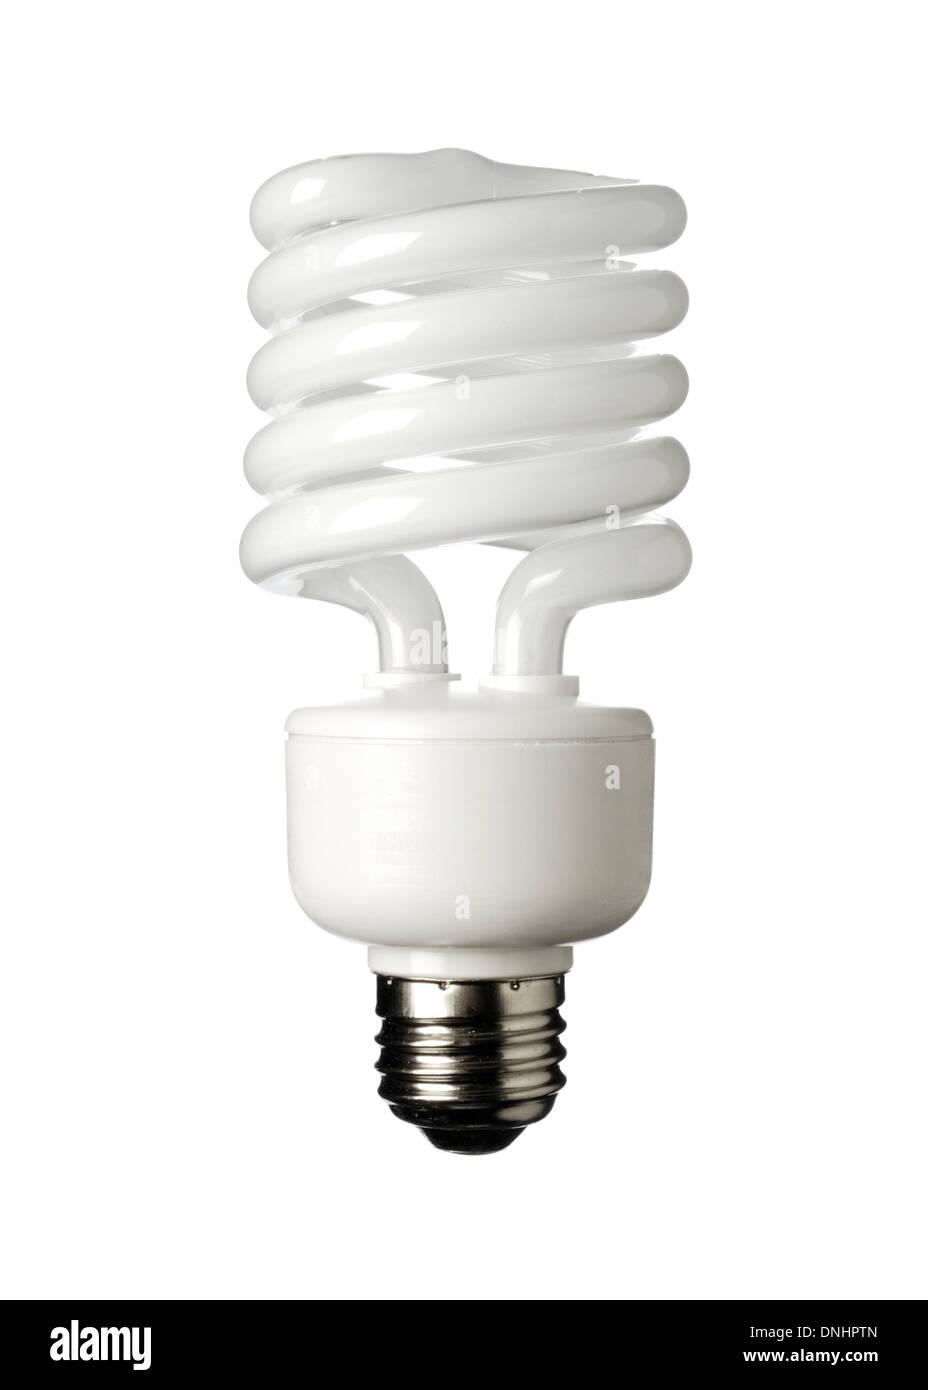 Un risparmio energetico lampadina di luce su uno sfondo bianco. Lampade fluorescenti compatte lampadina CFL Immagini Stock